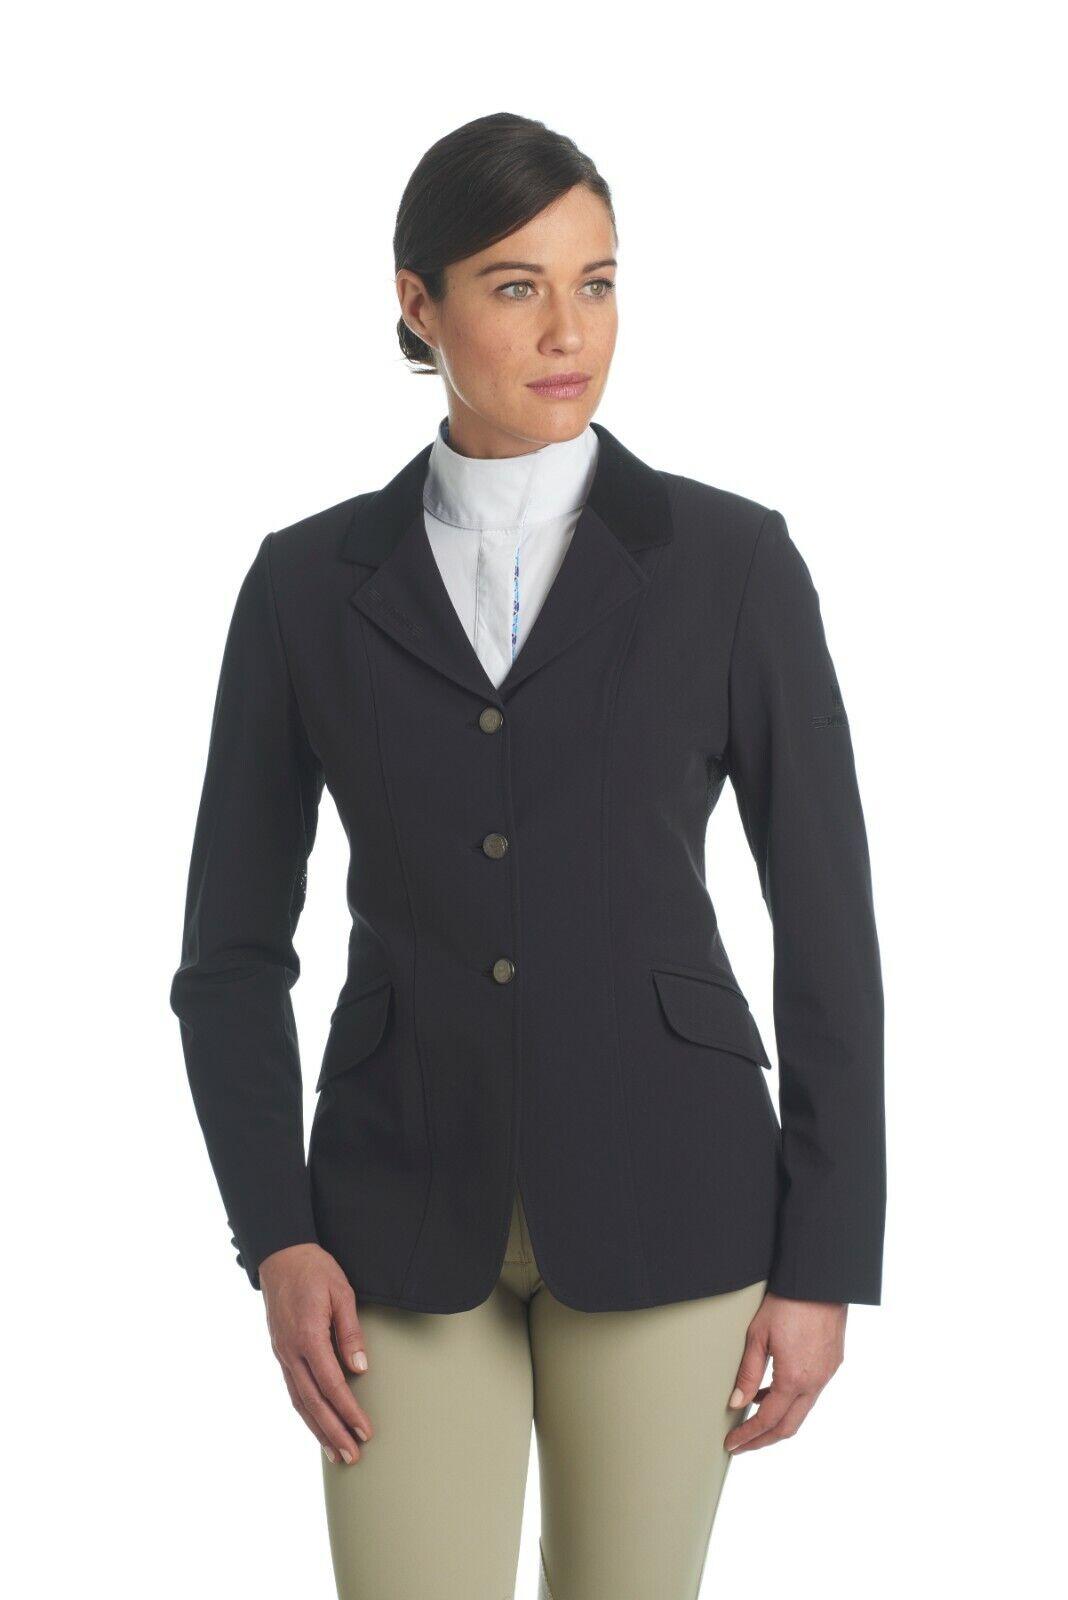 Romfh Ladies Pro Lite Horse Show Coat sz 6R Navy NWT